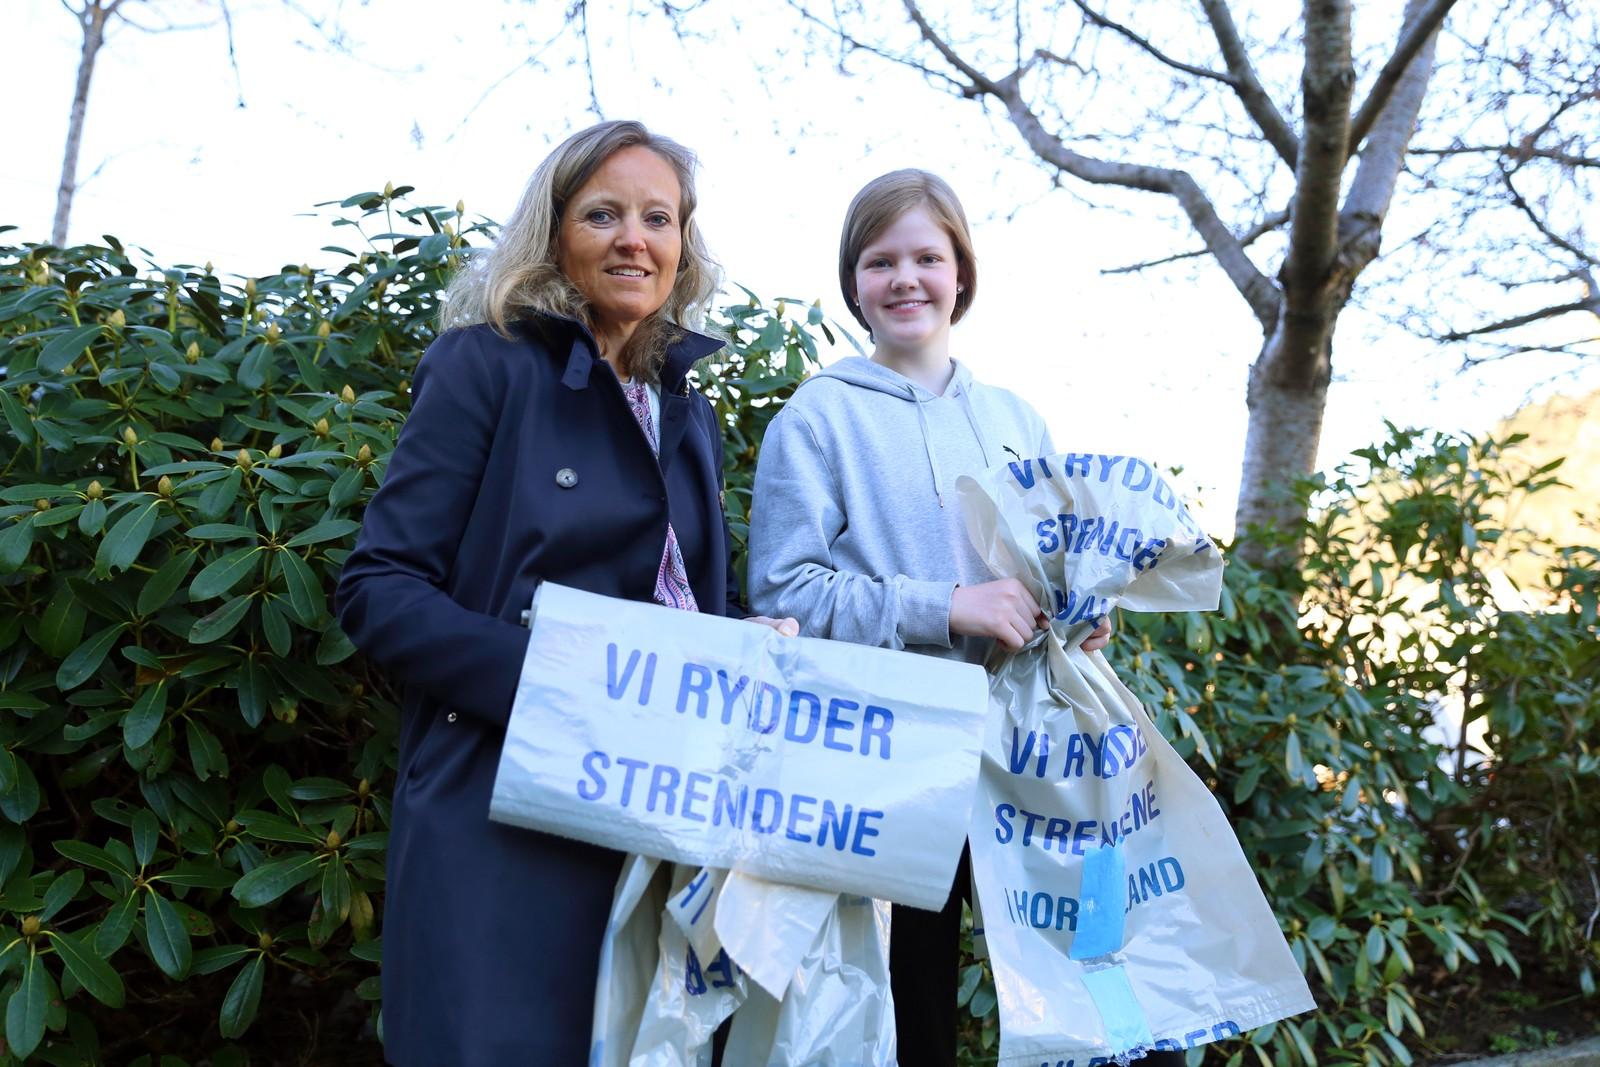 KLARE: Skoleeleven Emilie Klakegg vil prøve å få med klassekameratene på Strandryddedagen. Kommunikasjonssjef Mette Nygård Havre i renovasjonsselskapet BIR forteller at de alt har tatt imot 23 tonn søppel fra strender i Hordaland.